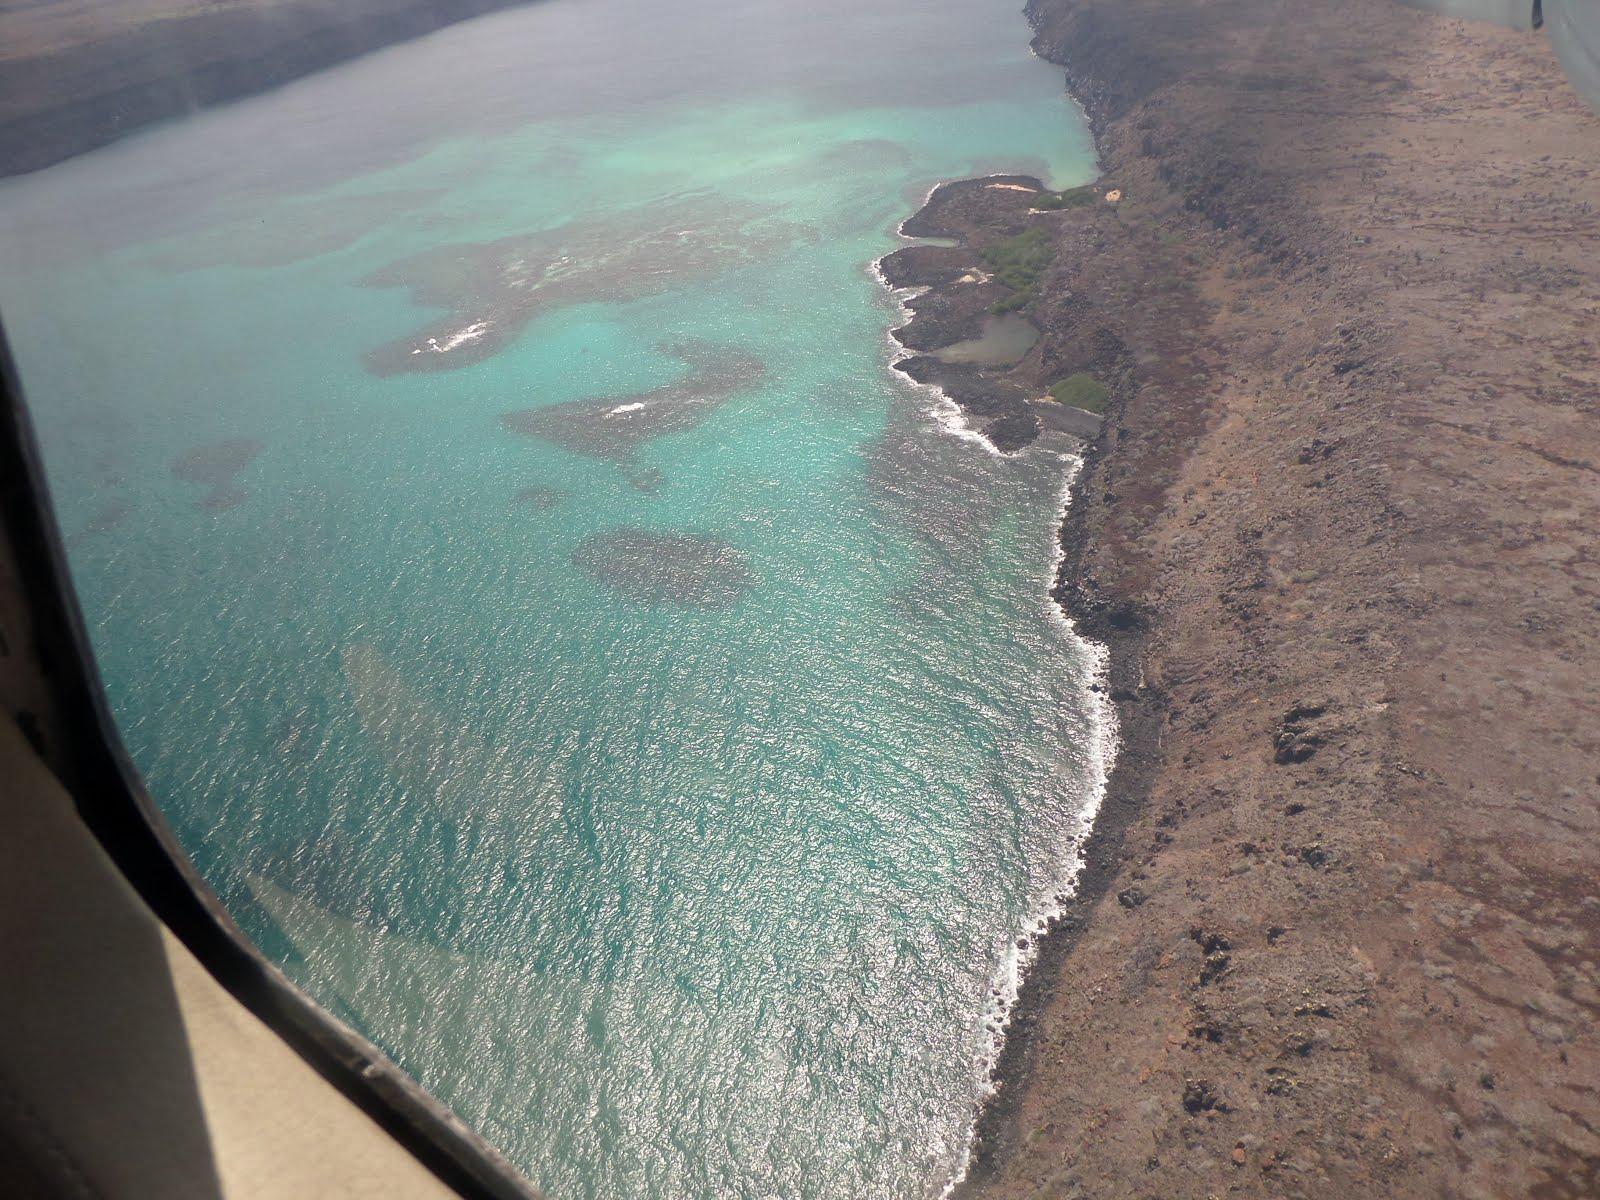 A Galapagos-szigetek sok ember érdeklődését kelthetik fel. Én is így voltam vele. Régóta terveztem, hogy felkeresem a szigeteket. Most végül sikerült. Erről sz...